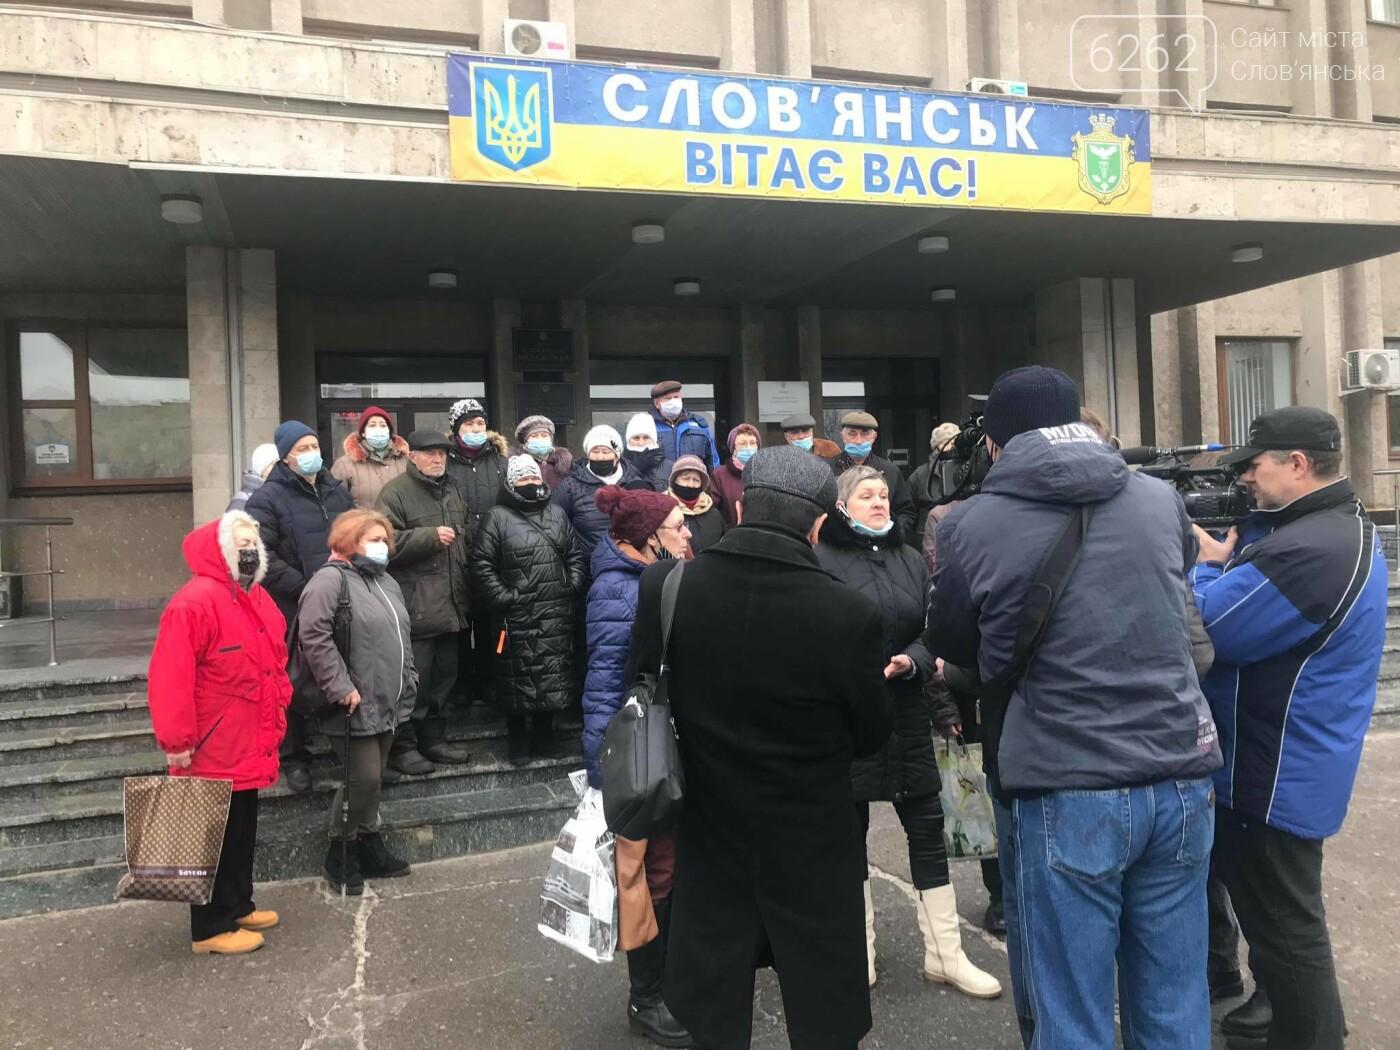 Мешканці Словкурорту мітингують біля міськради через проблеми зі світлом  (фото), фото-3